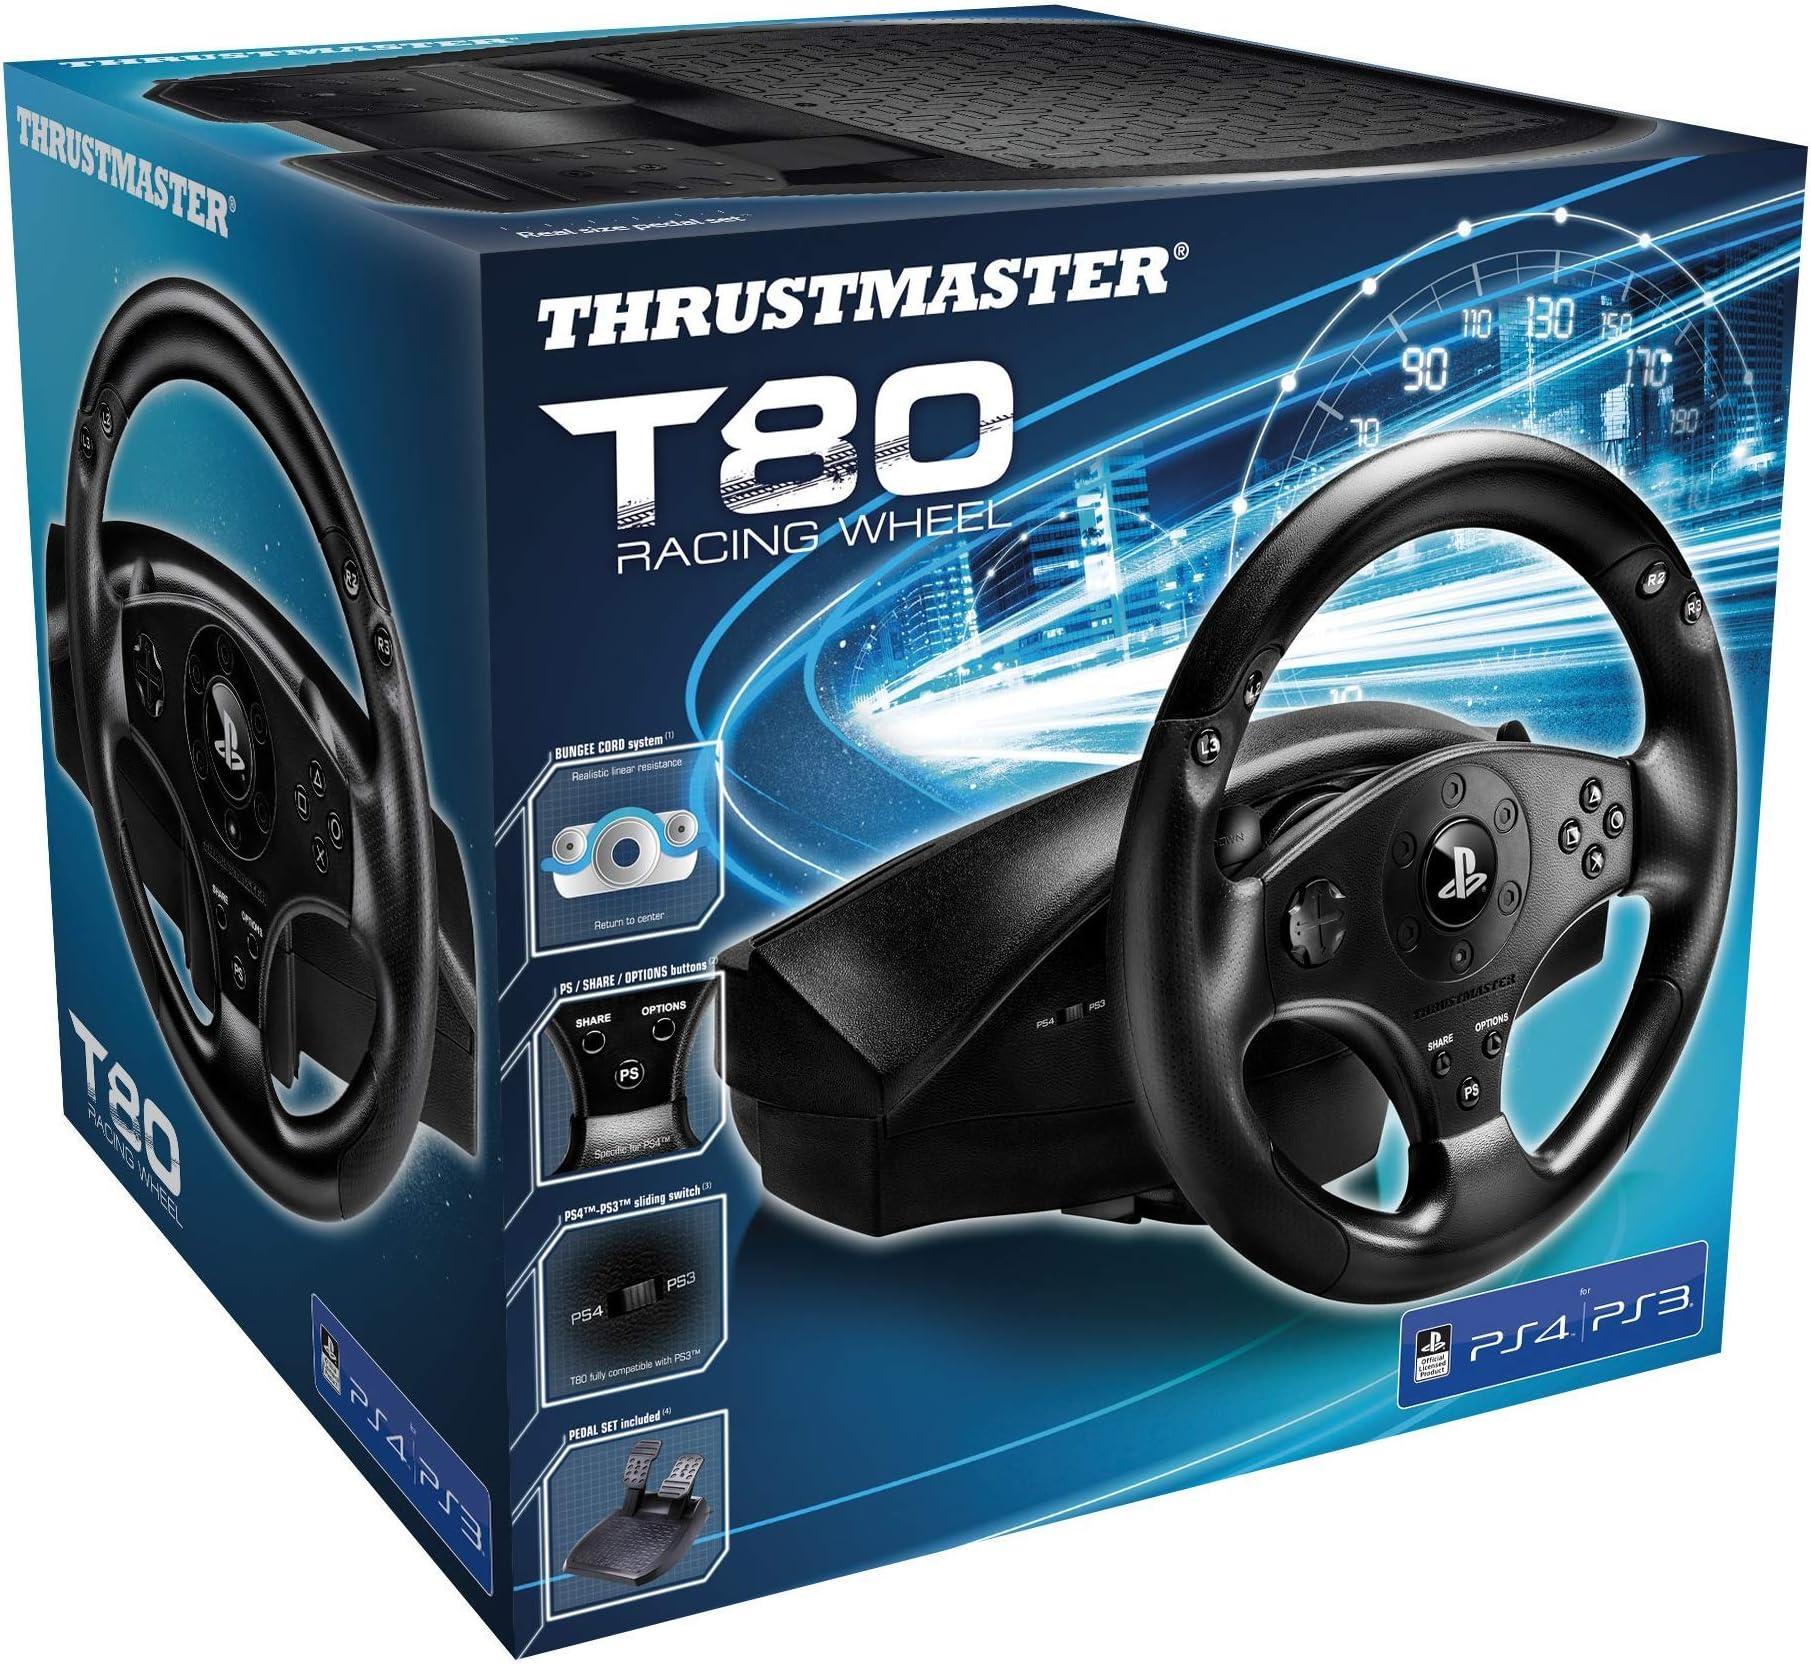 Thrustmaster T80